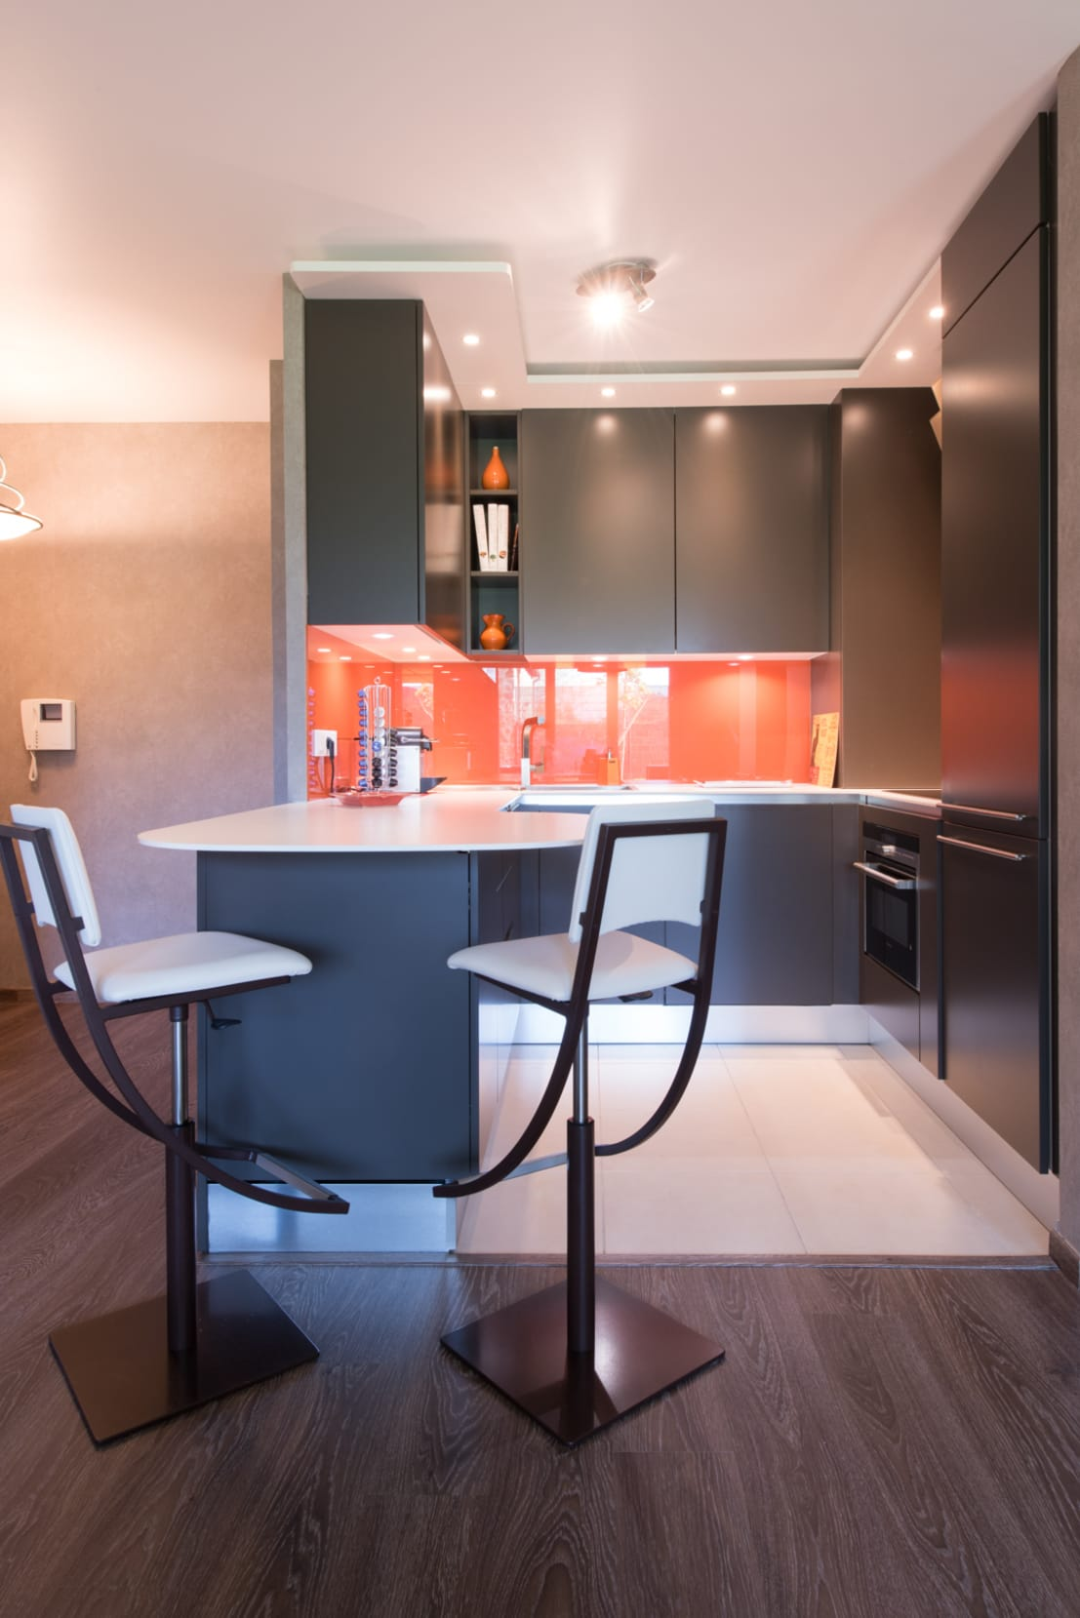 la cuisine dans le bain sk concept cuisine orange laqu mod le sigma ouverte sur salon. Black Bedroom Furniture Sets. Home Design Ideas